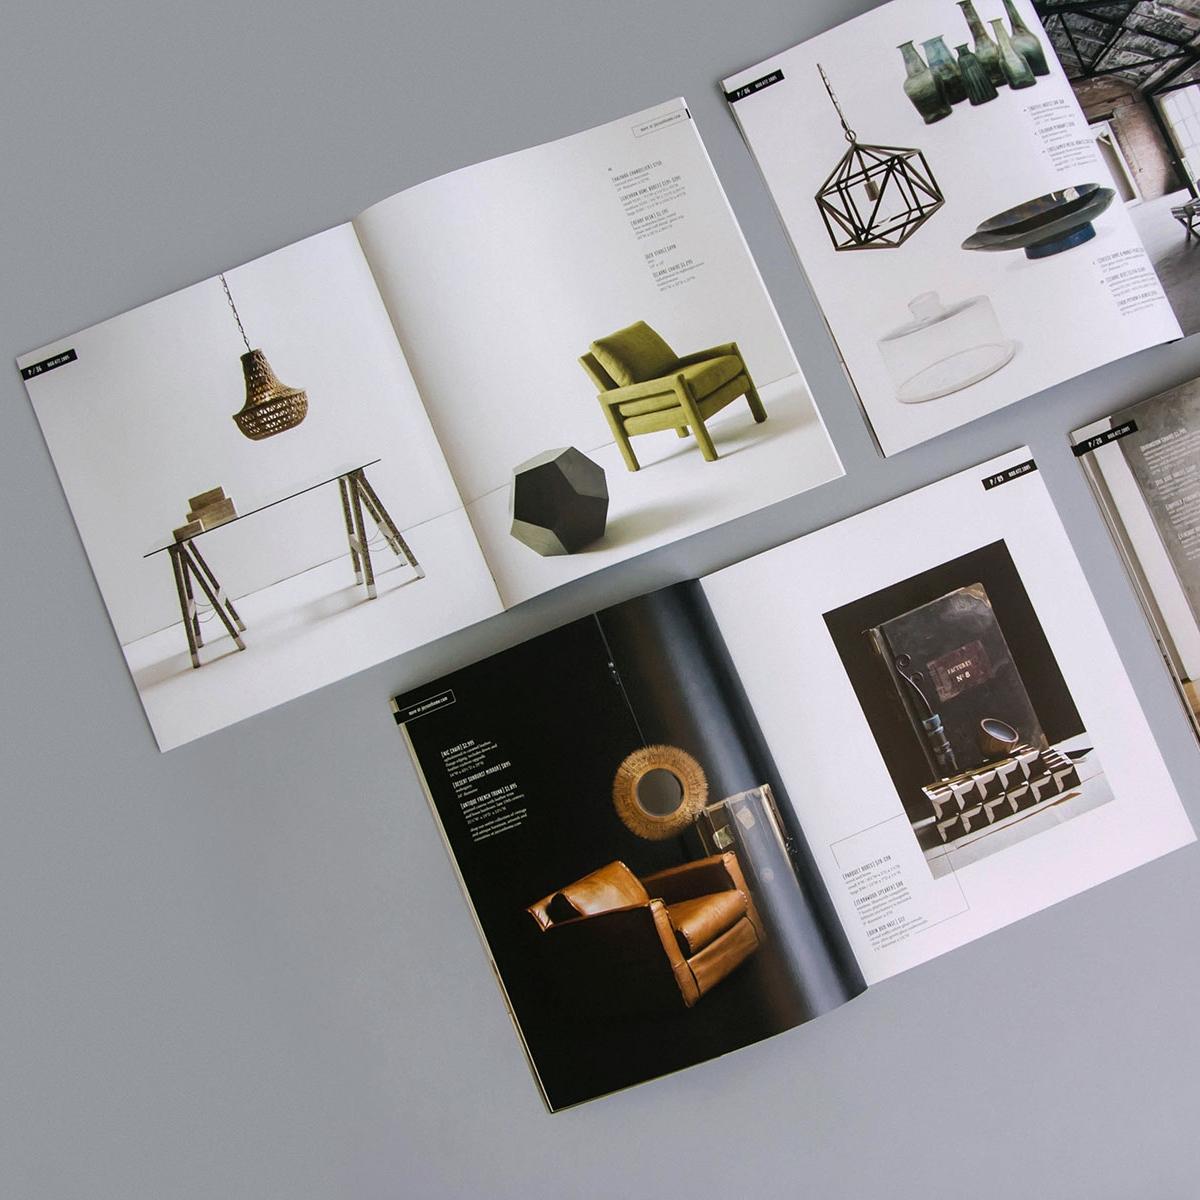 印刷品设计 MARKETING MATERIAL